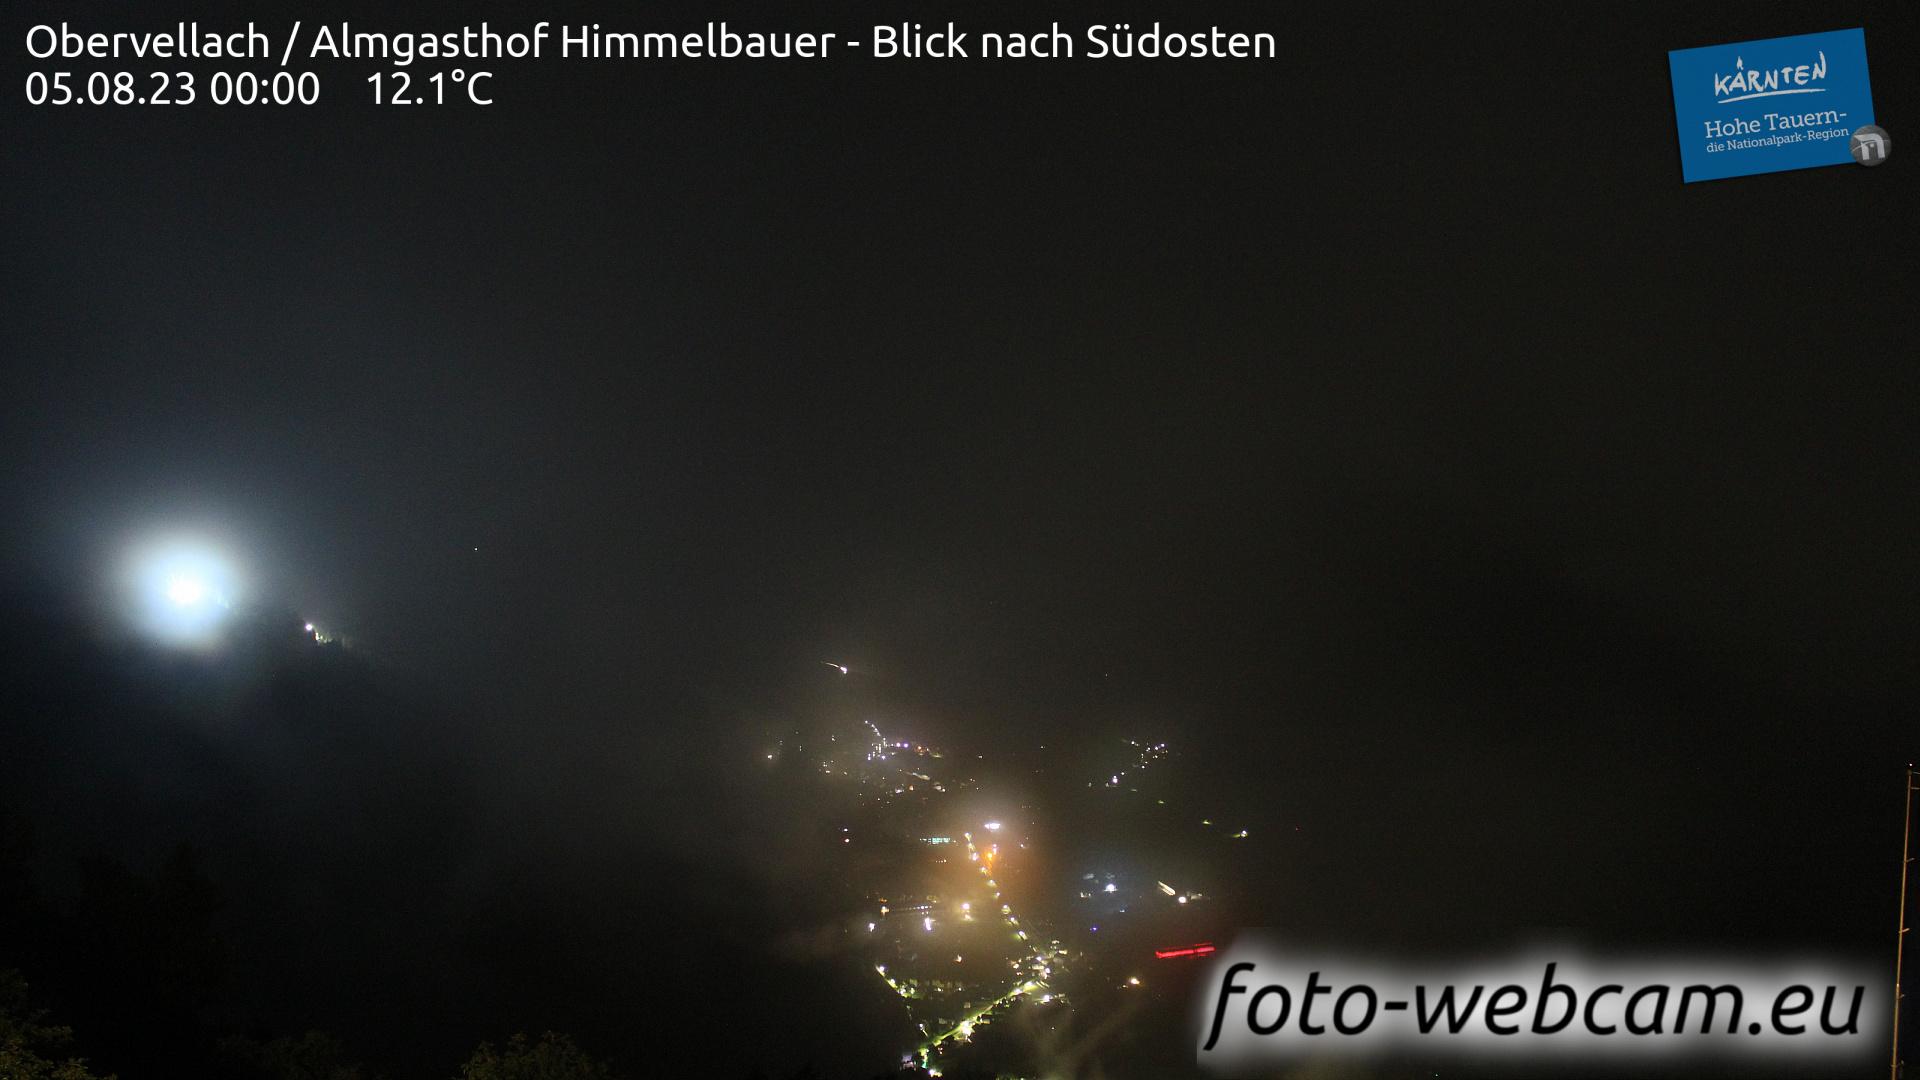 Obervellach Fr. 00:27